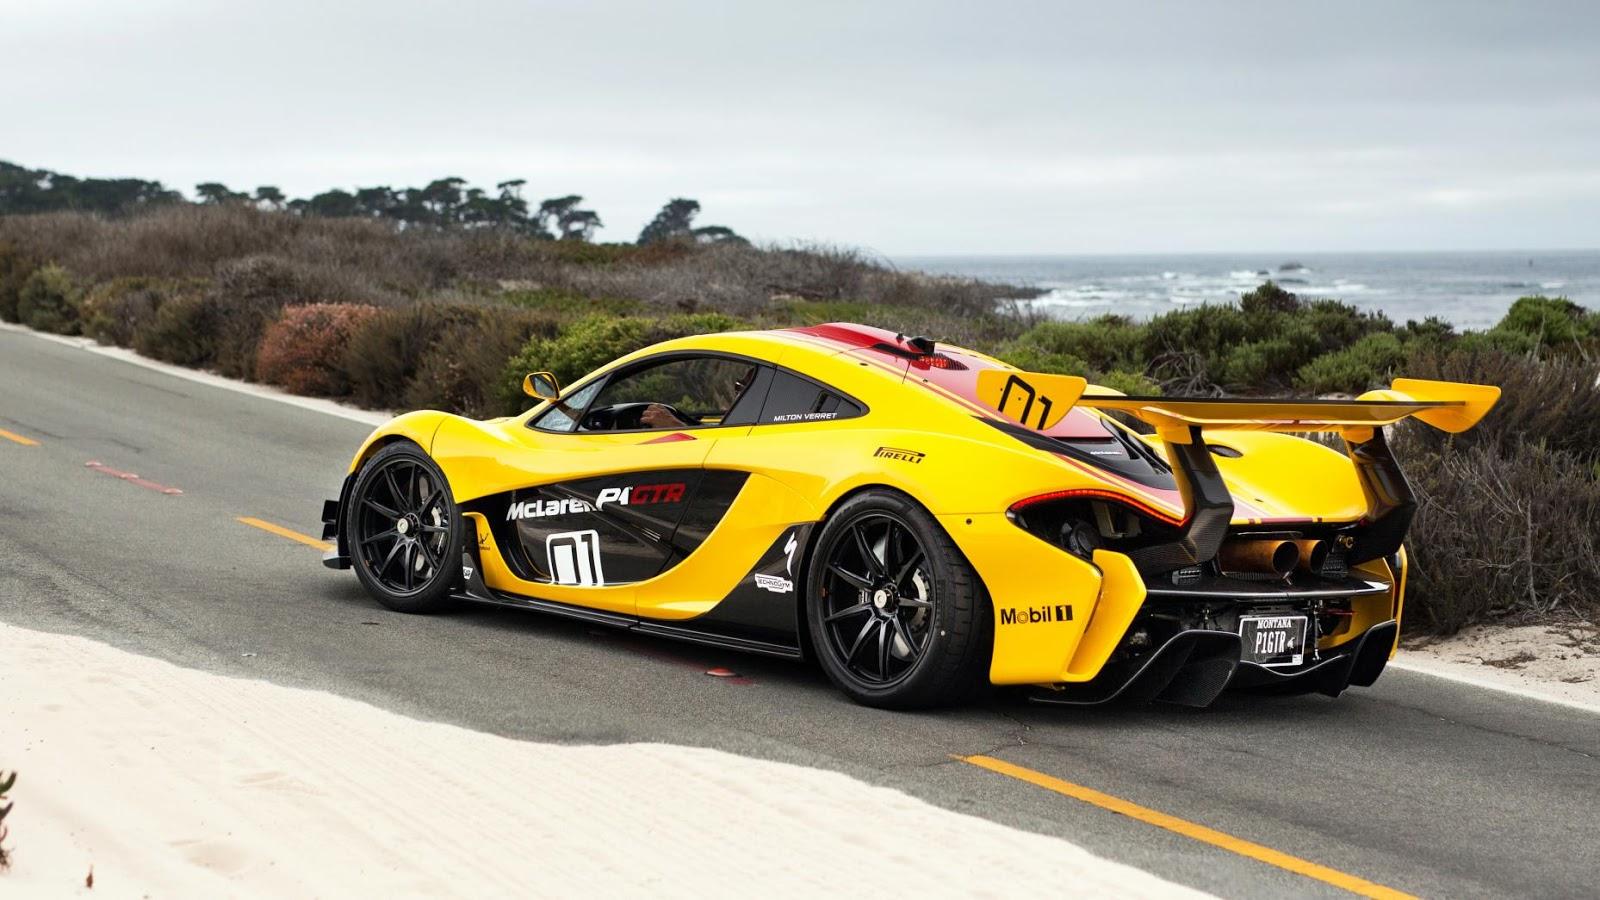 Siêu xe McLaren P1 GTR - Siêu xe đỉnh cao nhất của McLaren cũng xuất hiện tại Cali